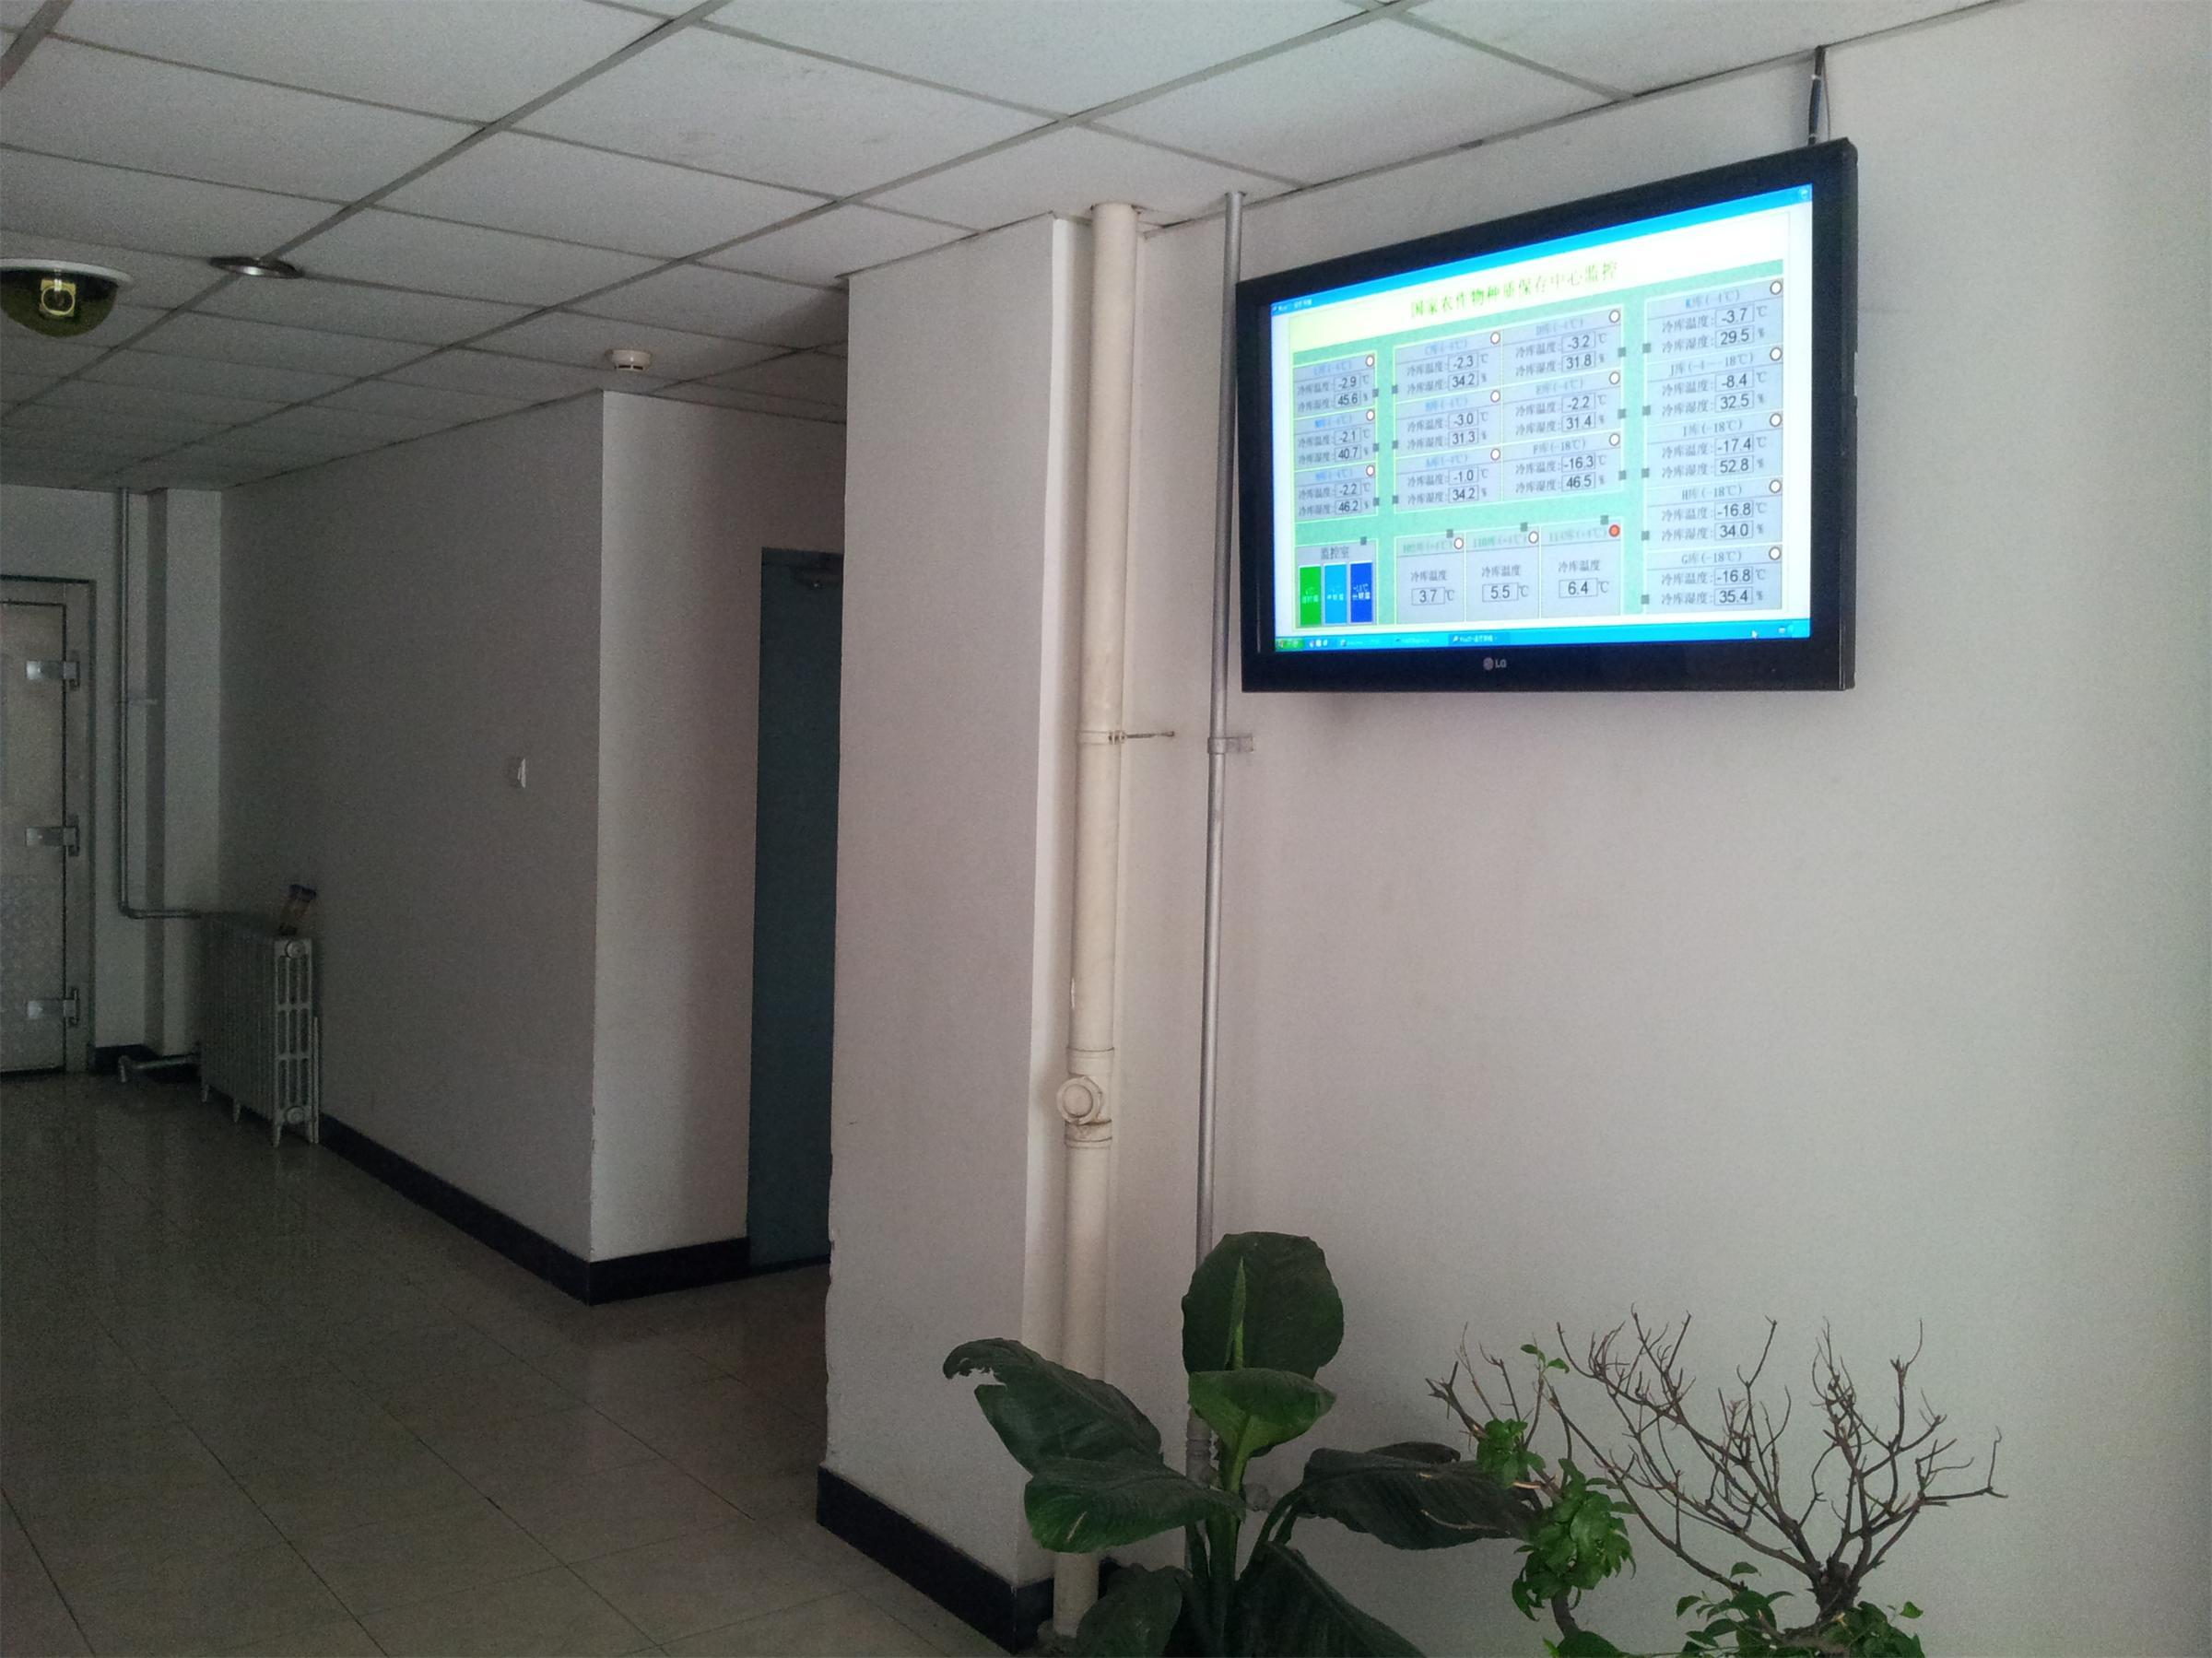 中國農業科學院北院資源庫PLC溫濕度顯示